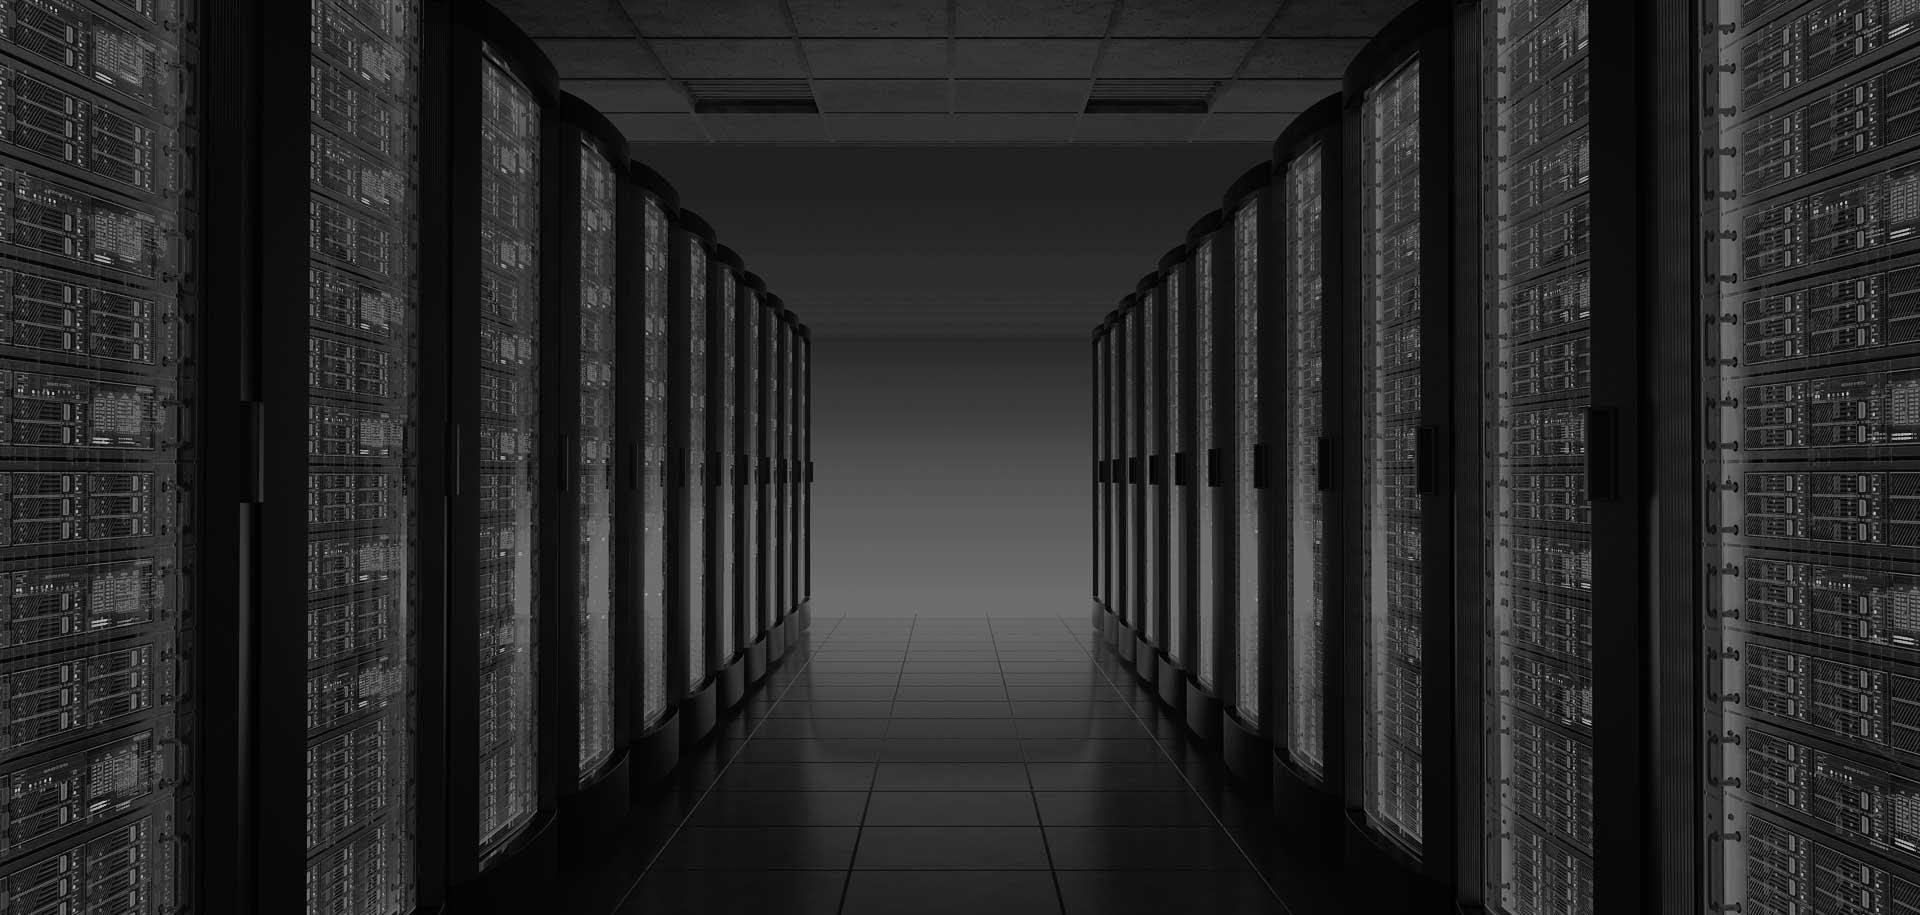 Data-Center-Store-Main-Image-3